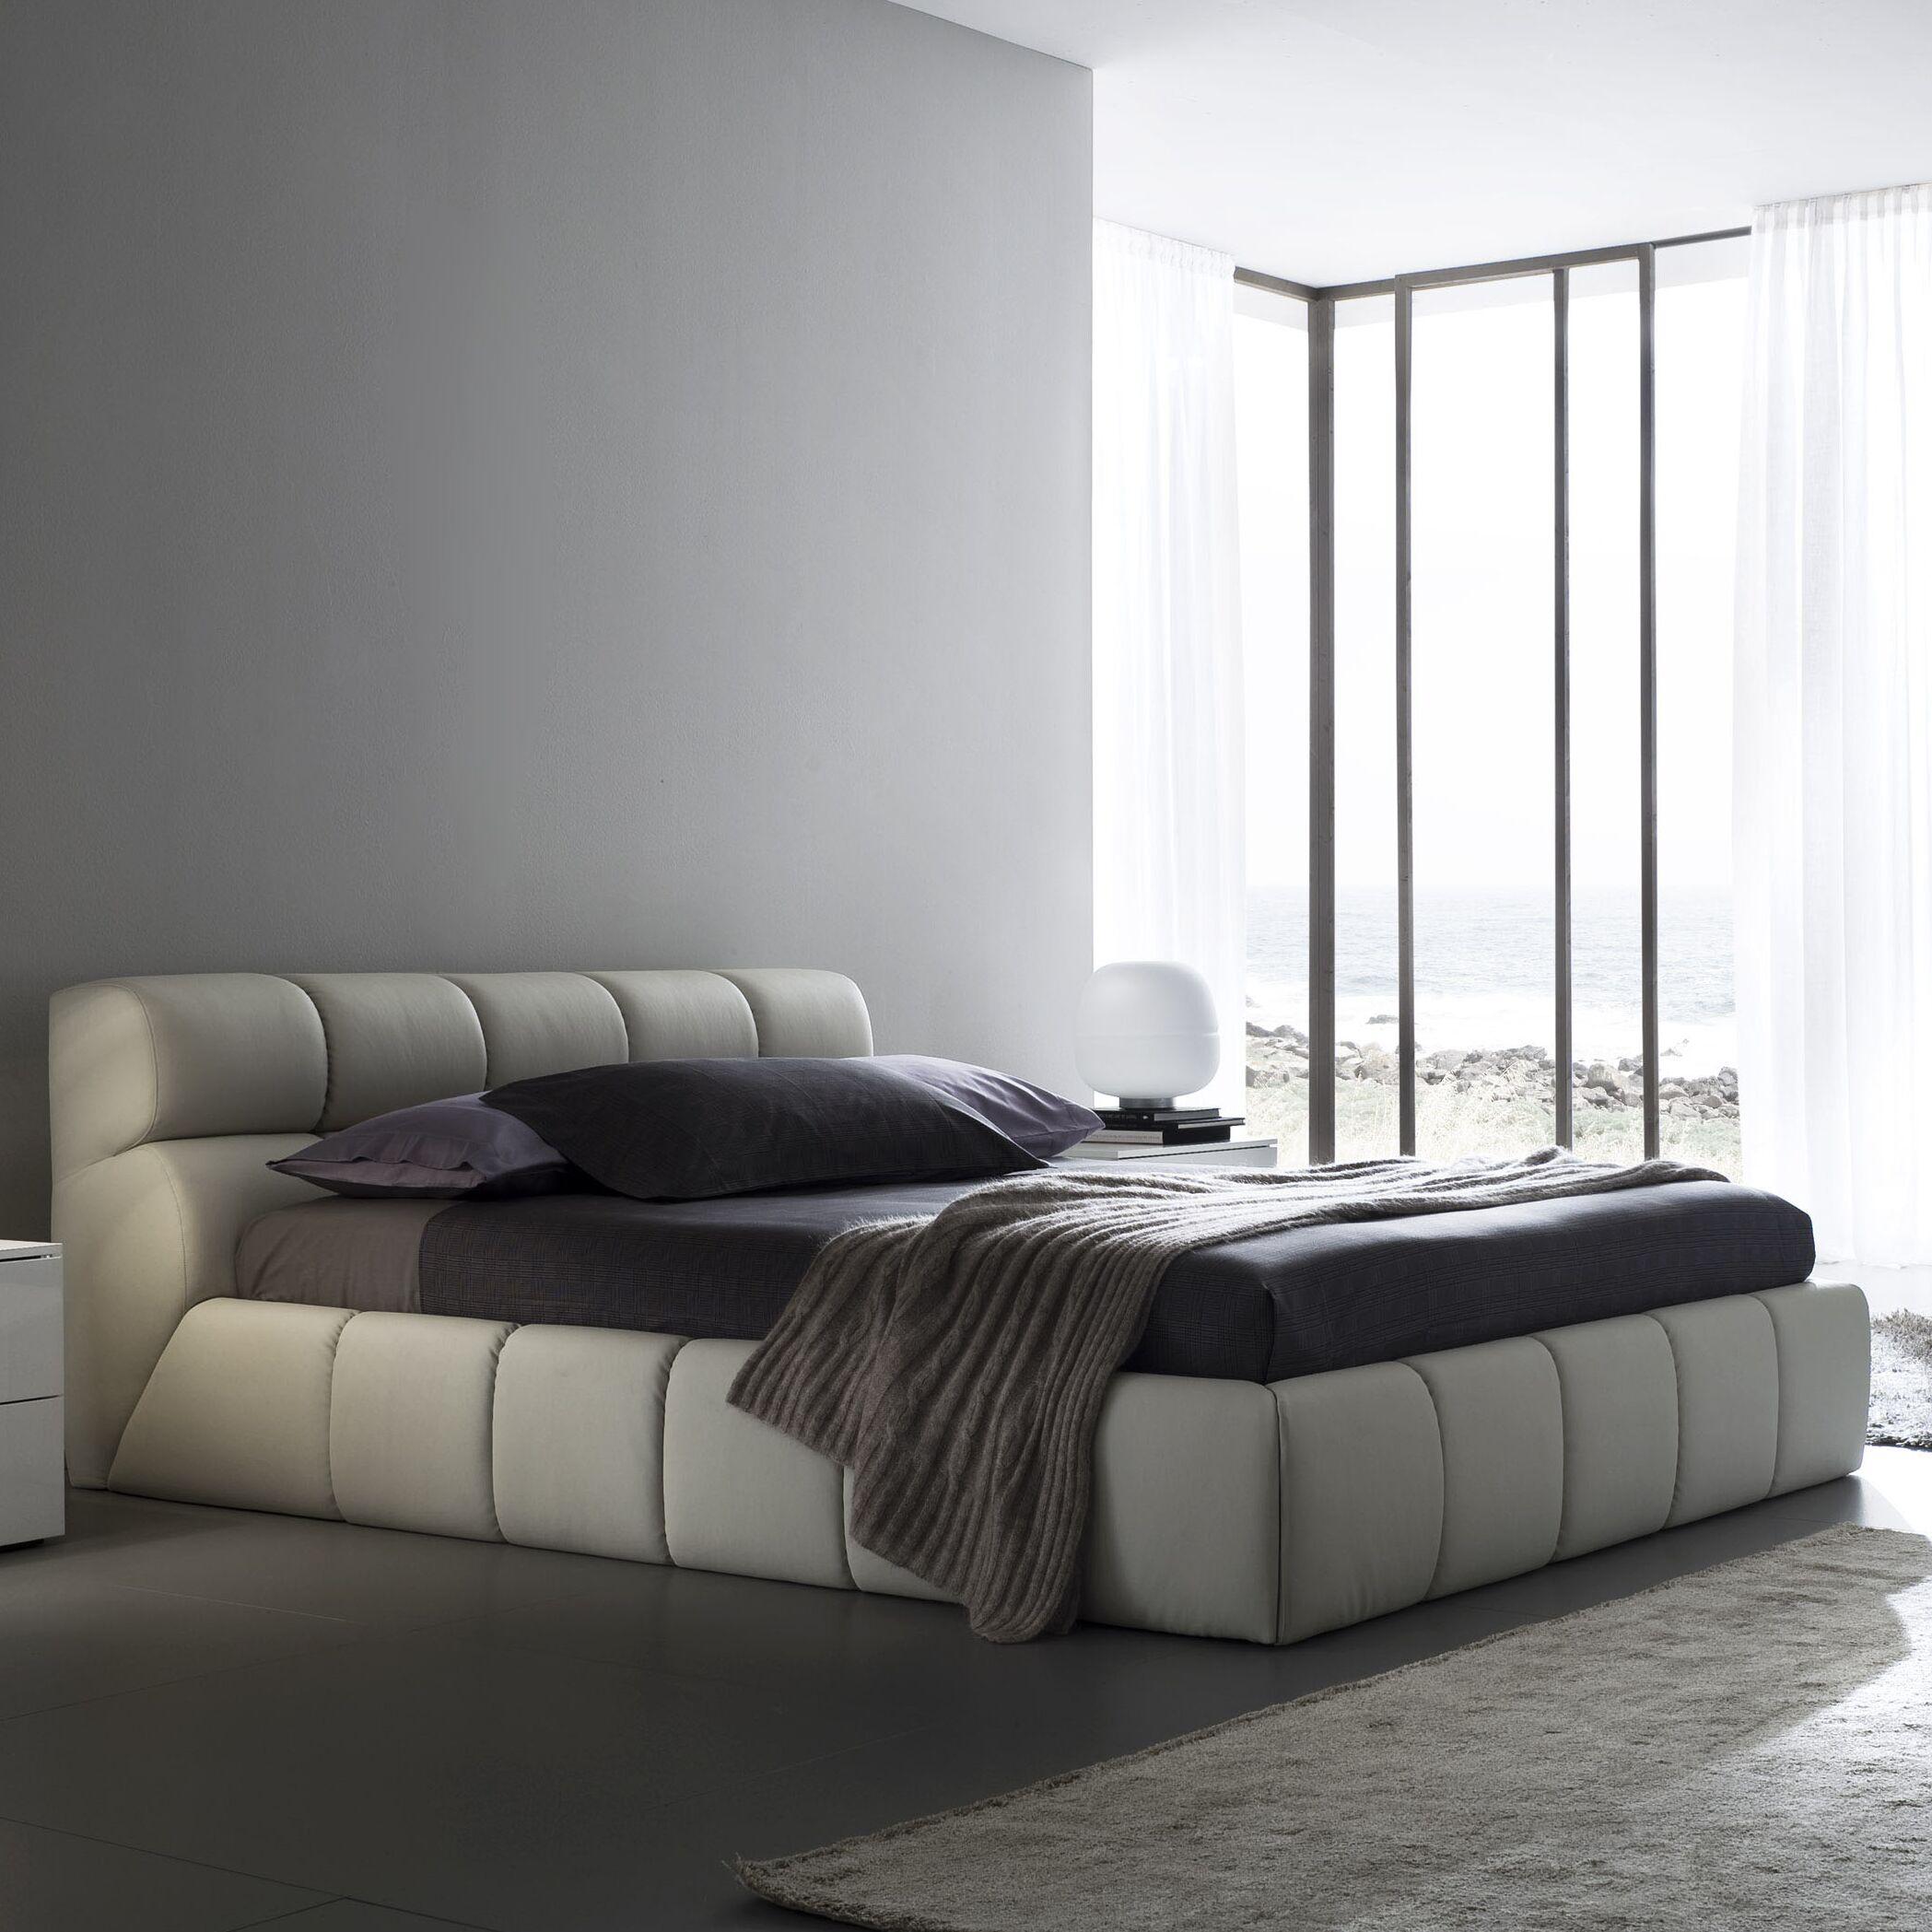 Cloud Upholstered Platform Bed Size: King, Color: Beige